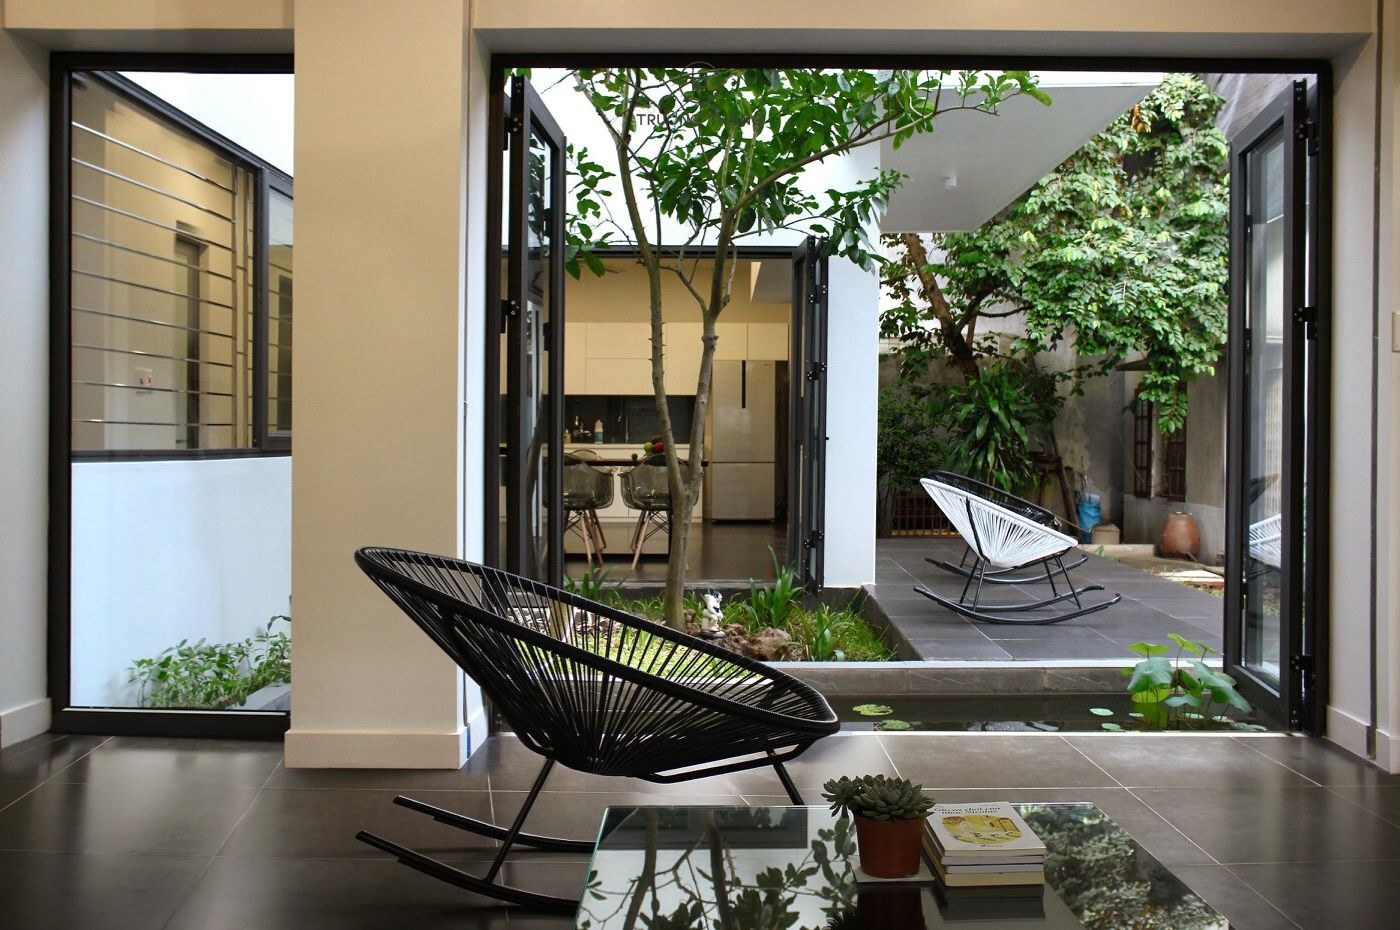 Thiết kế nội thất không gian xanh với vườn trong nhà | TRƯỜNG THẮNG